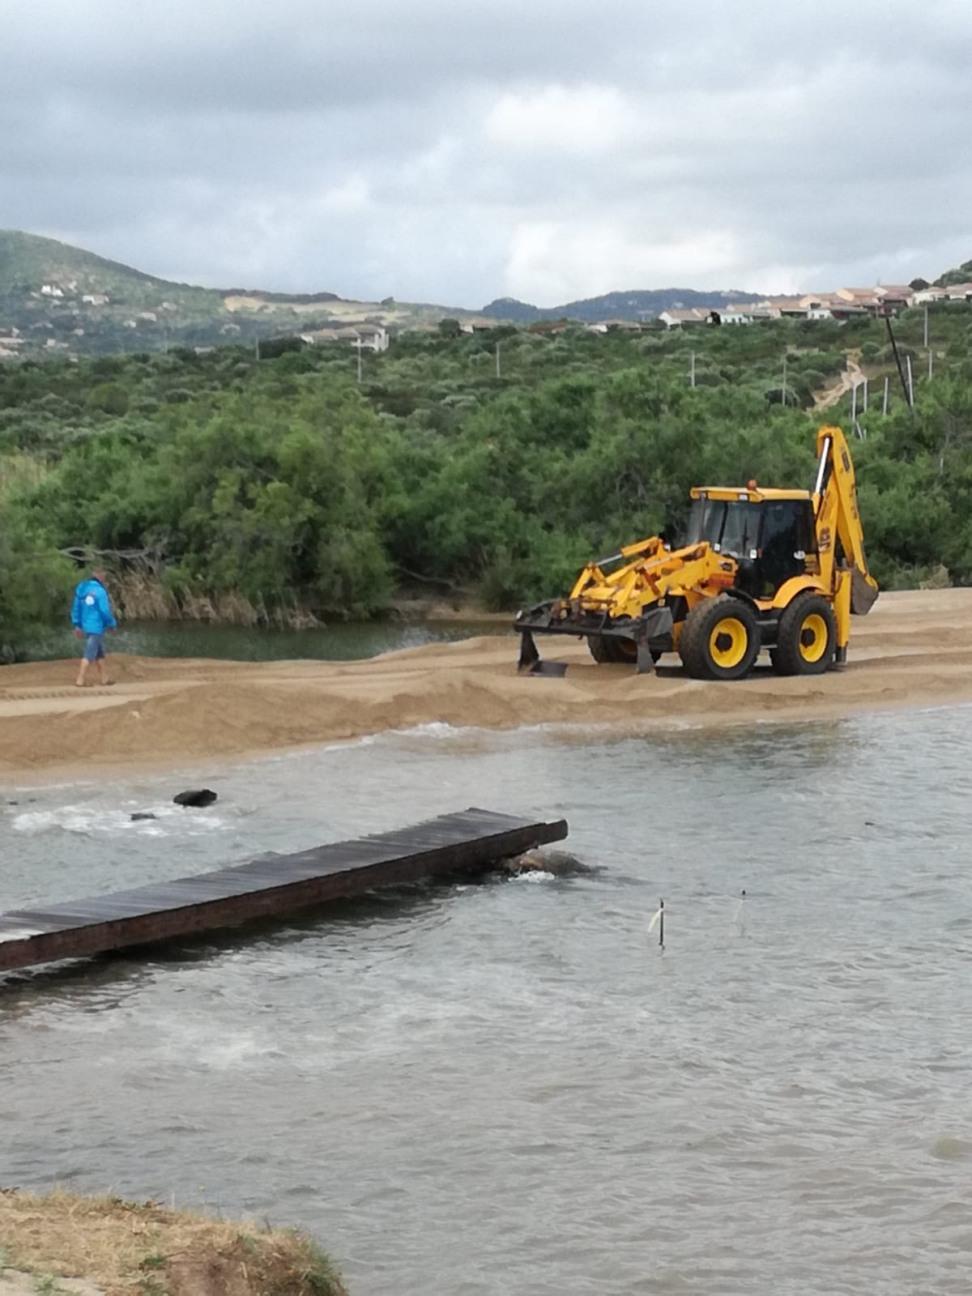 Palau, La Sciumara, ruspa in spiagga per chiudere la foce del Rio Surrau (23 giugno 2018)